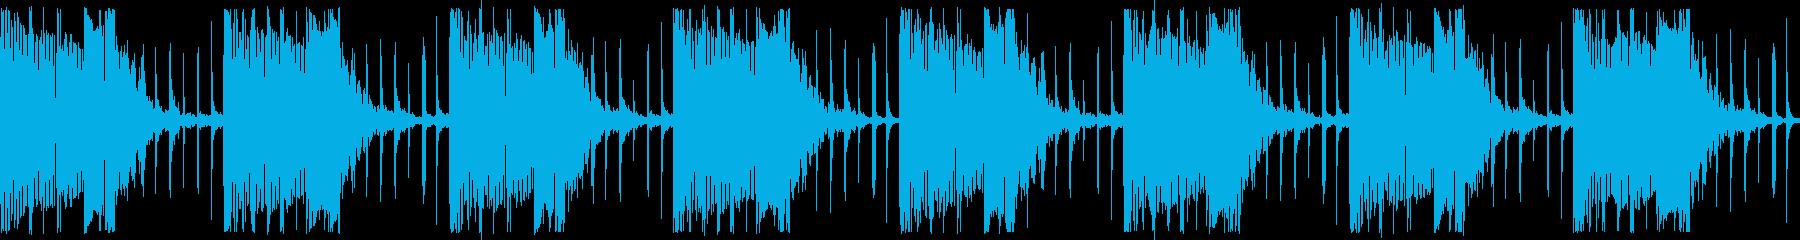 ベル音を使った不気味な緊張感あるシーンの再生済みの波形